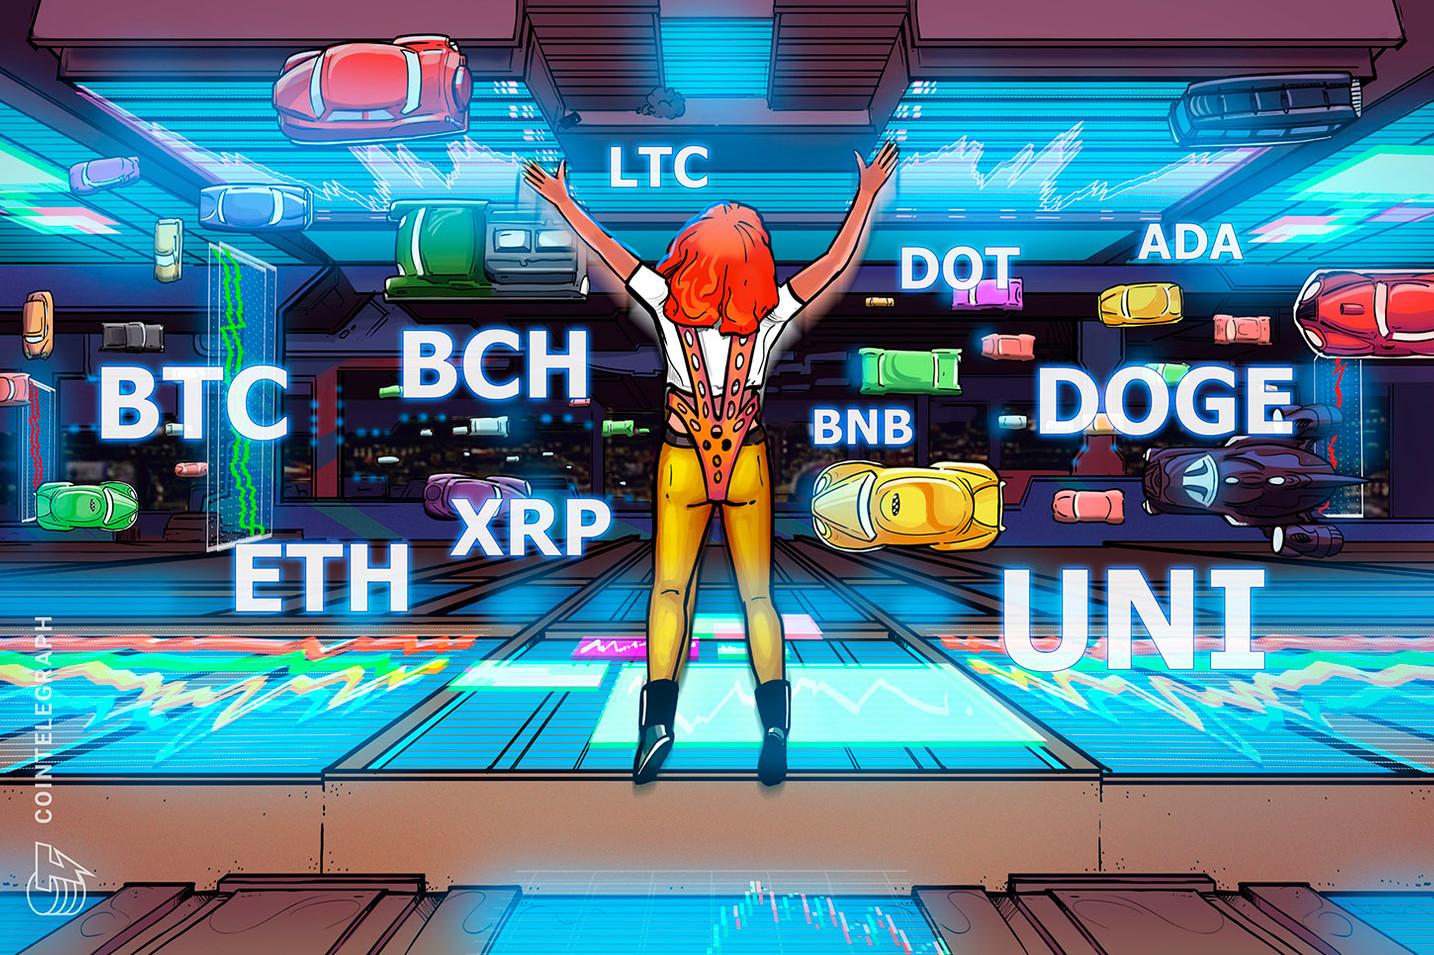 Análise de preço 21/05: BTC, ETH, BNB, ADA, DOGE, XRP, DOT, BCH, LTC, UNI